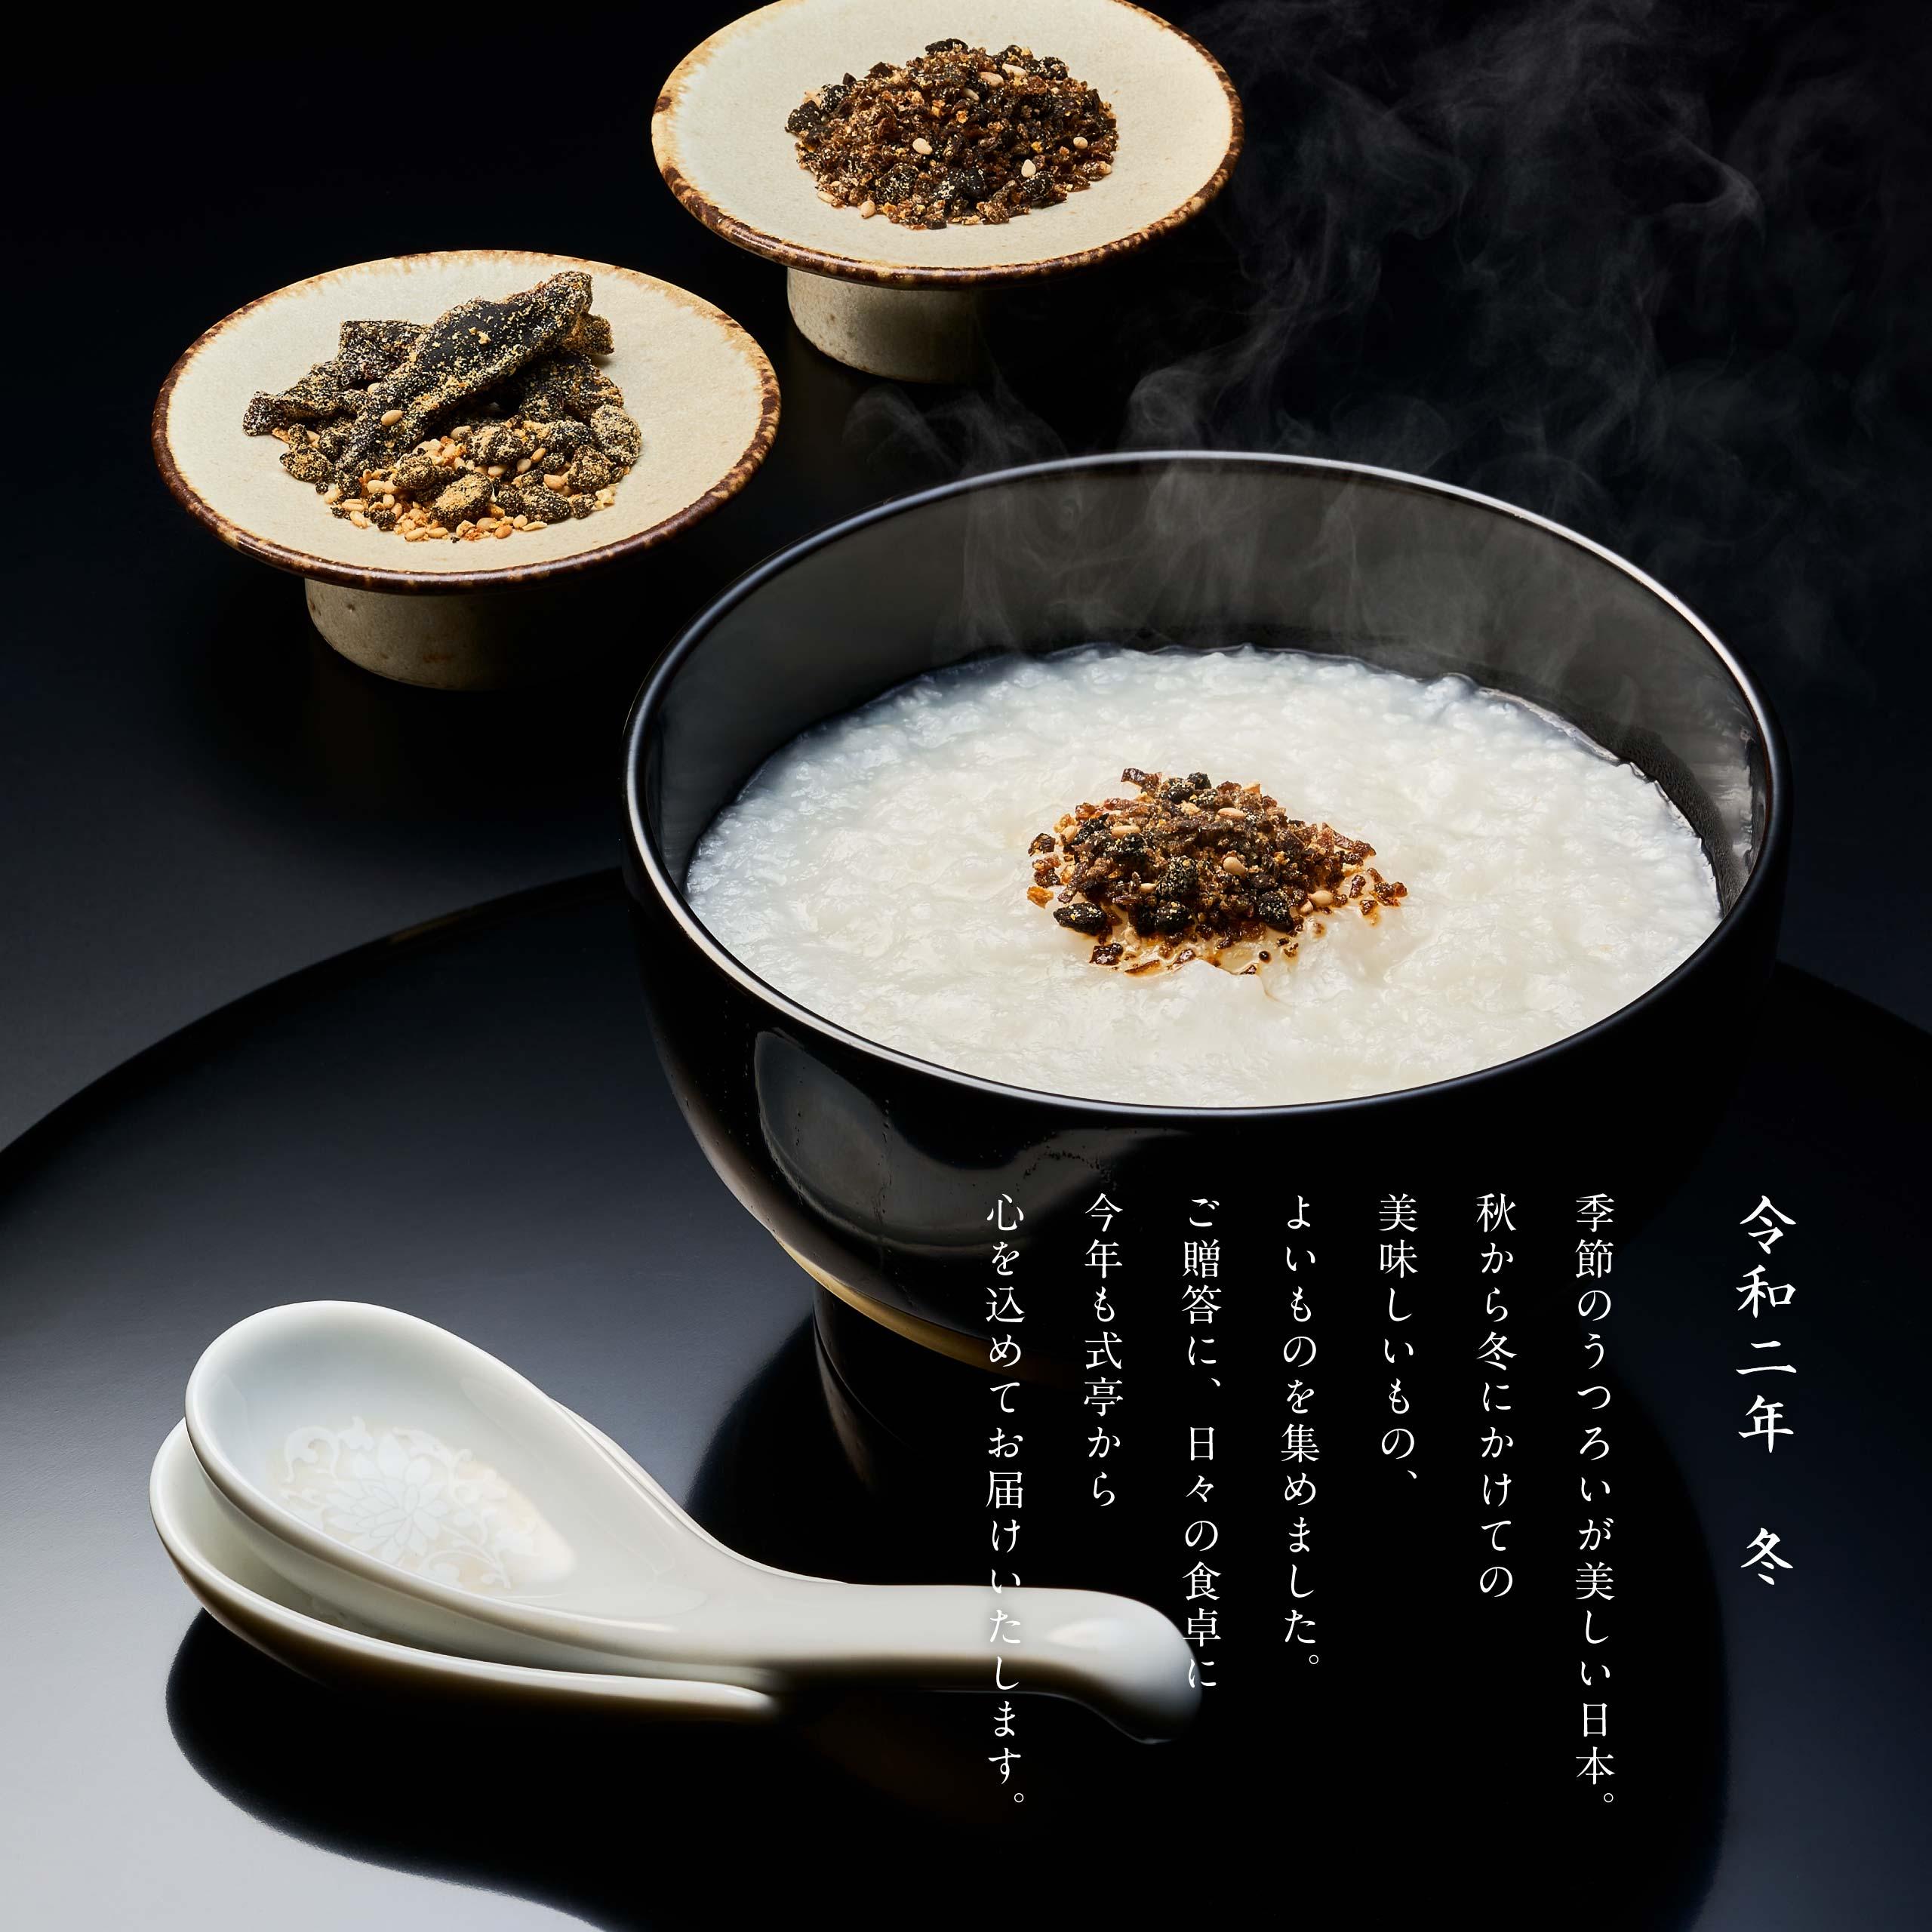 季節のうつろいが美しい日本。秋から冬にかけての美味しいもの、よいものを集めました。